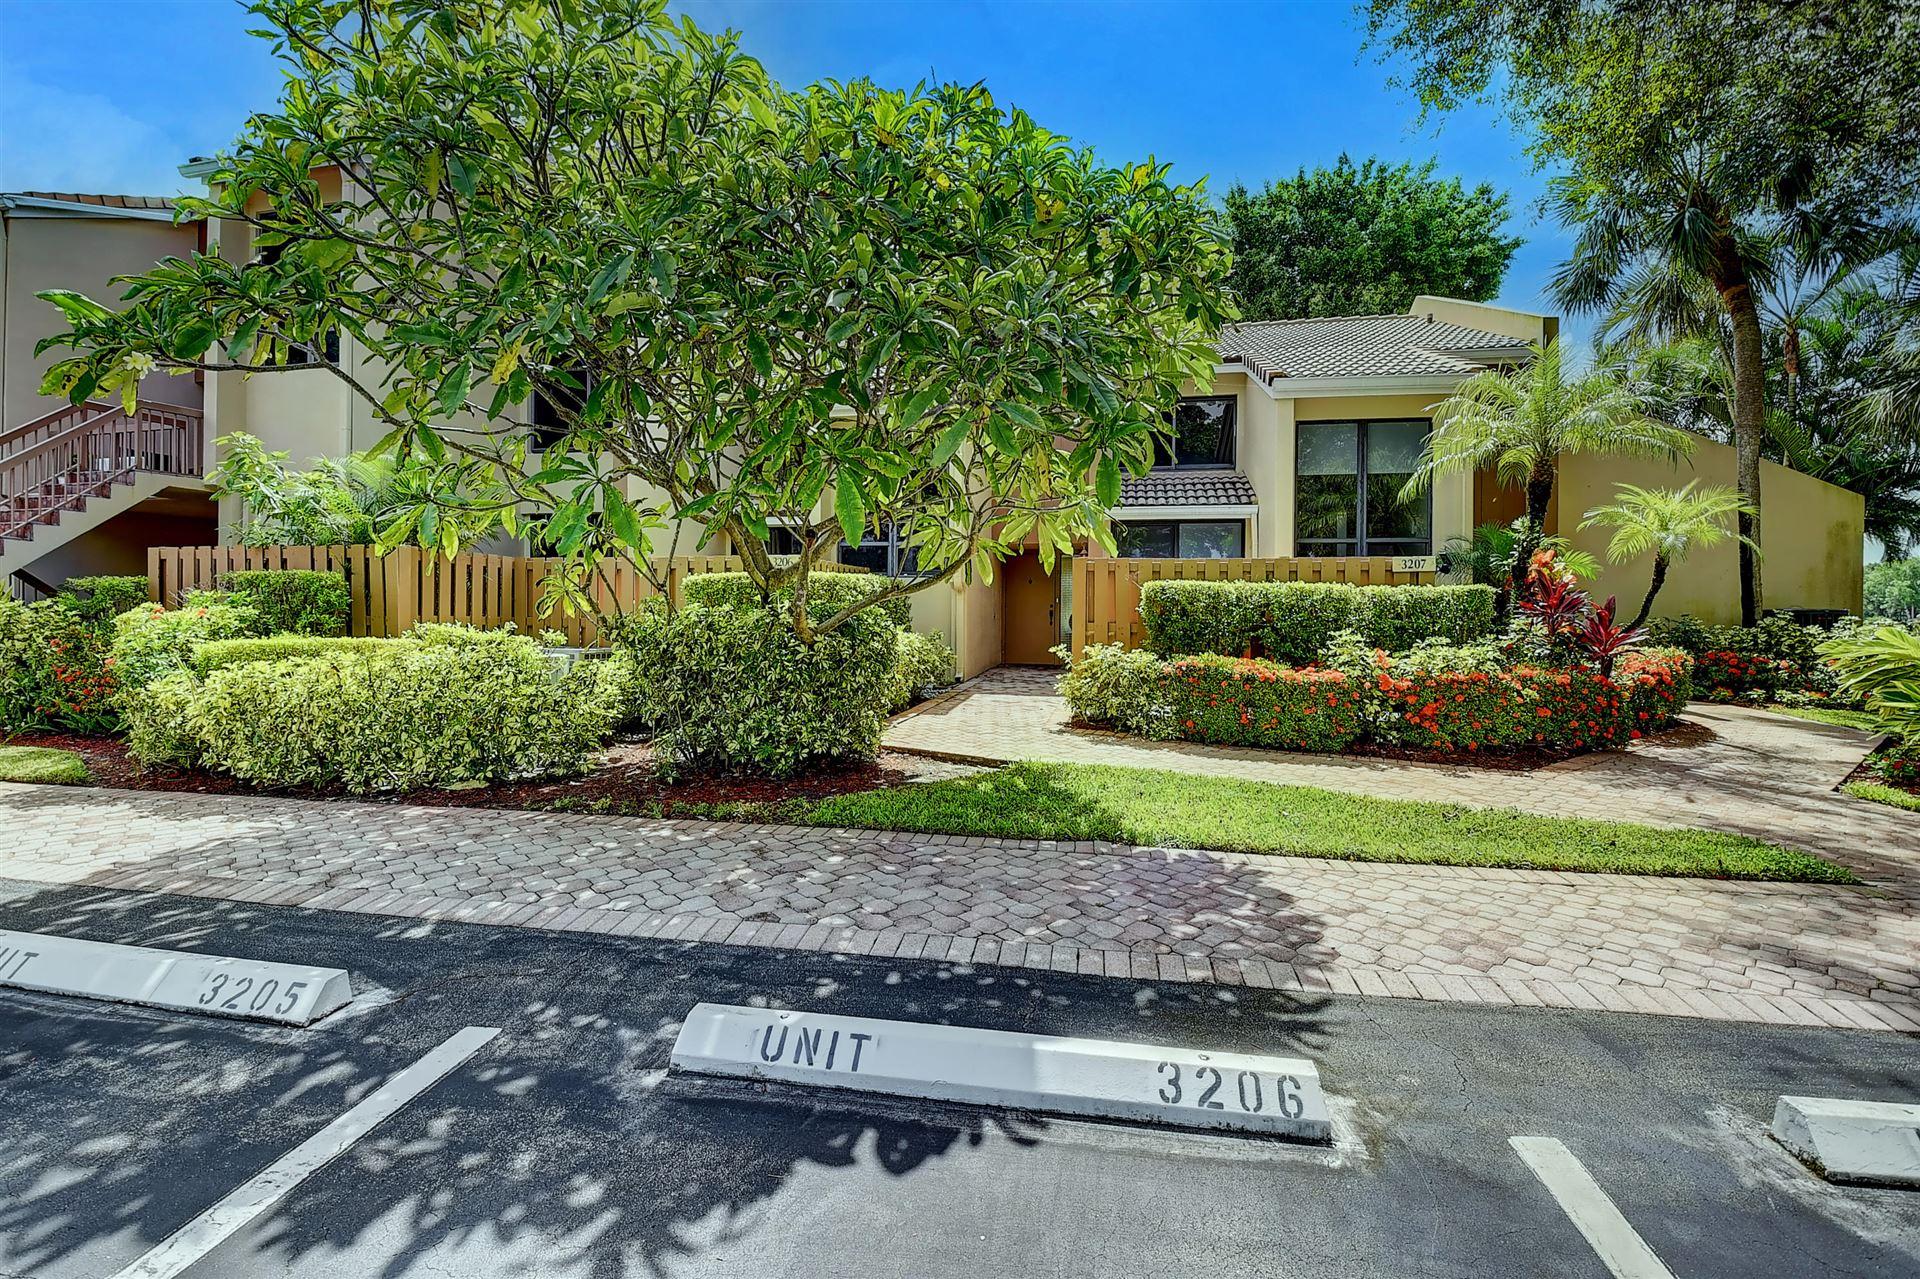 3206 Bridgewood Drive, Boca Raton, FL 33434 - MLS#: RX-10733087